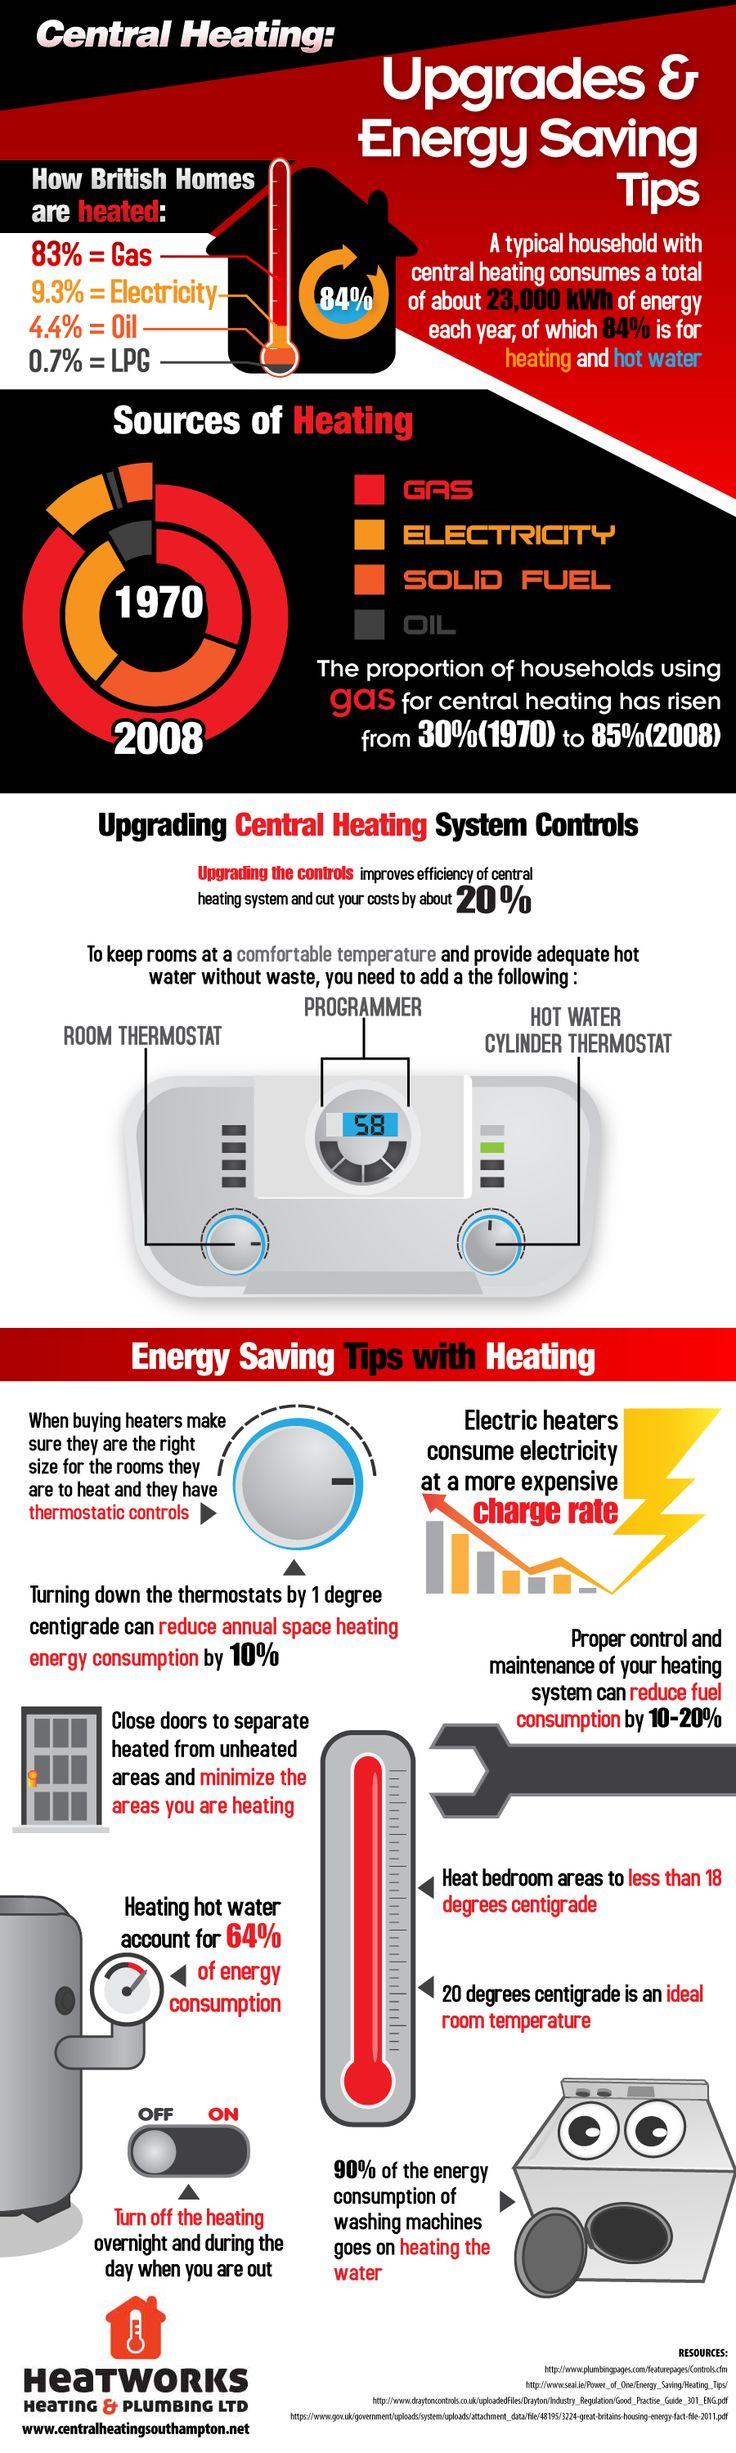 31 best Energy Saving Tips images on Pinterest | Energy saving tips ...